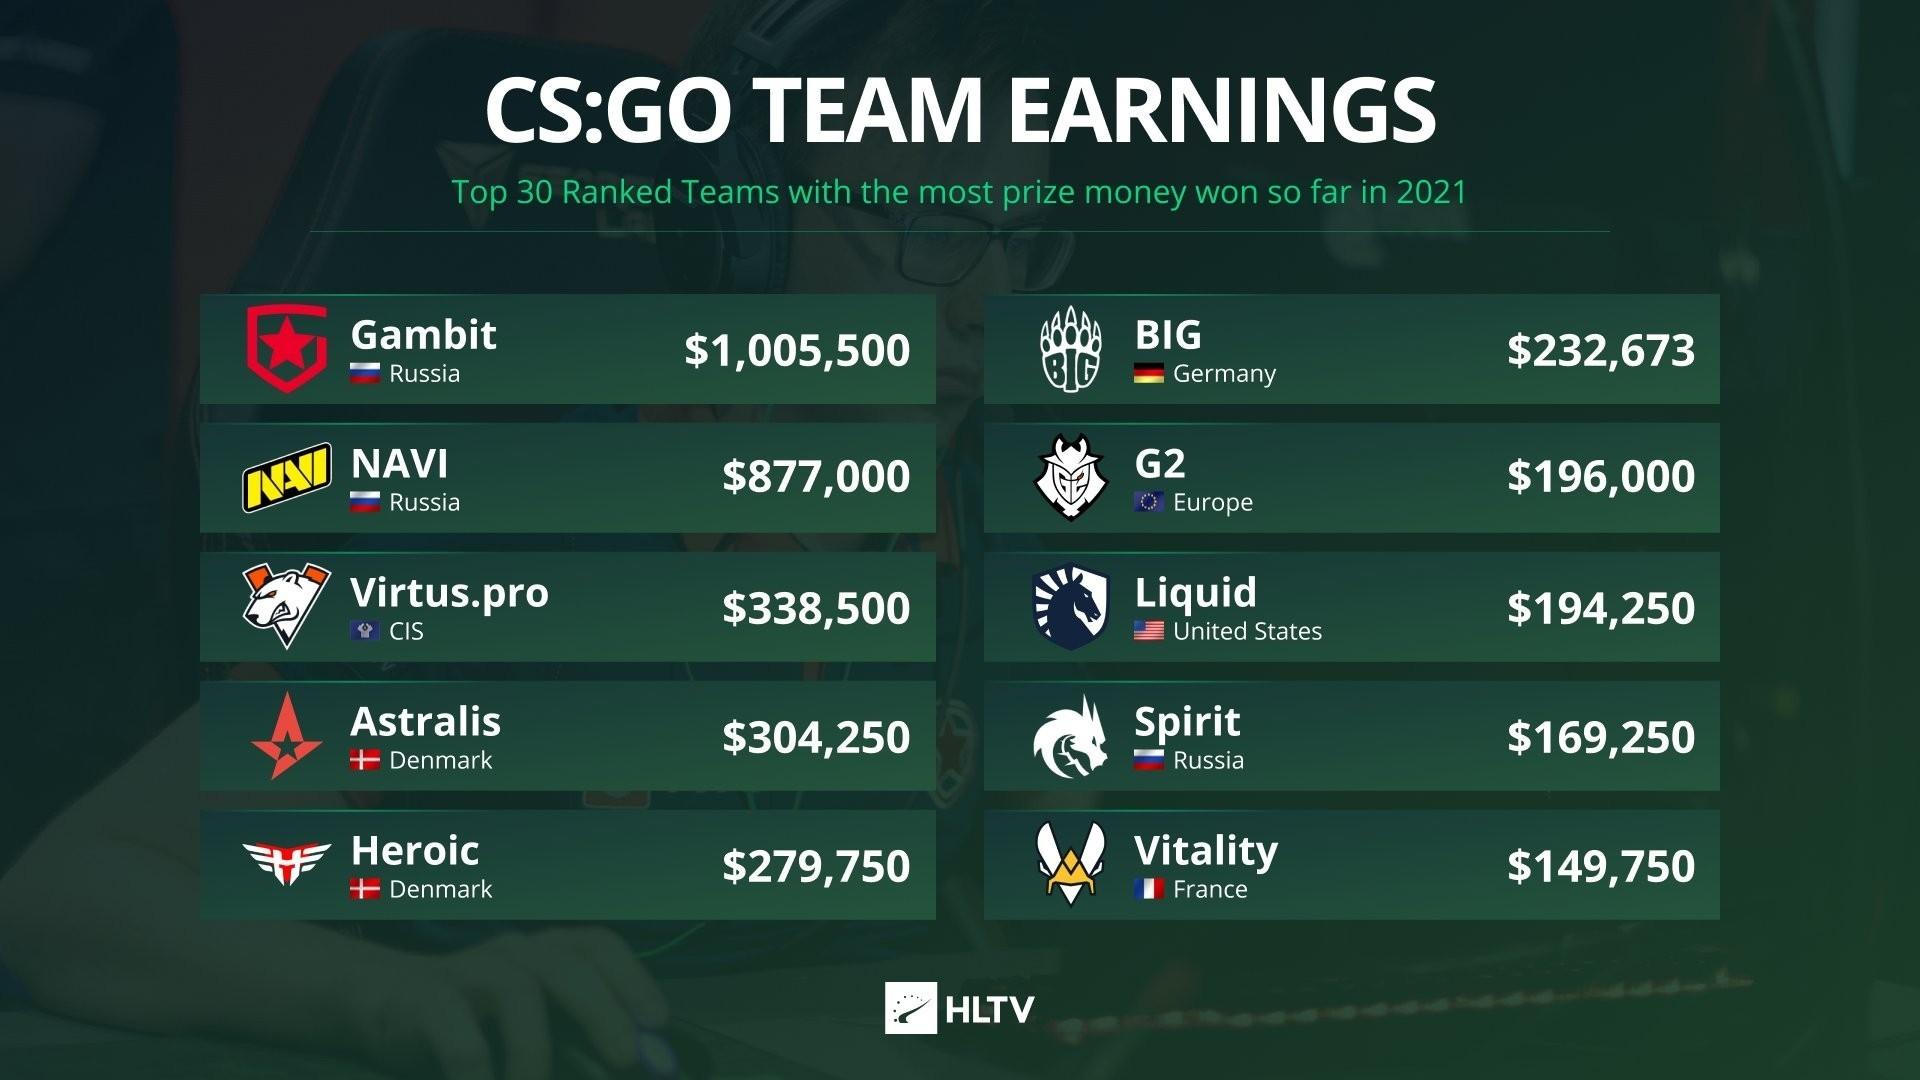 Gambit заработала более $1 млн в 2021 году на CS:GO, NAVI и VP находятся в топ-3